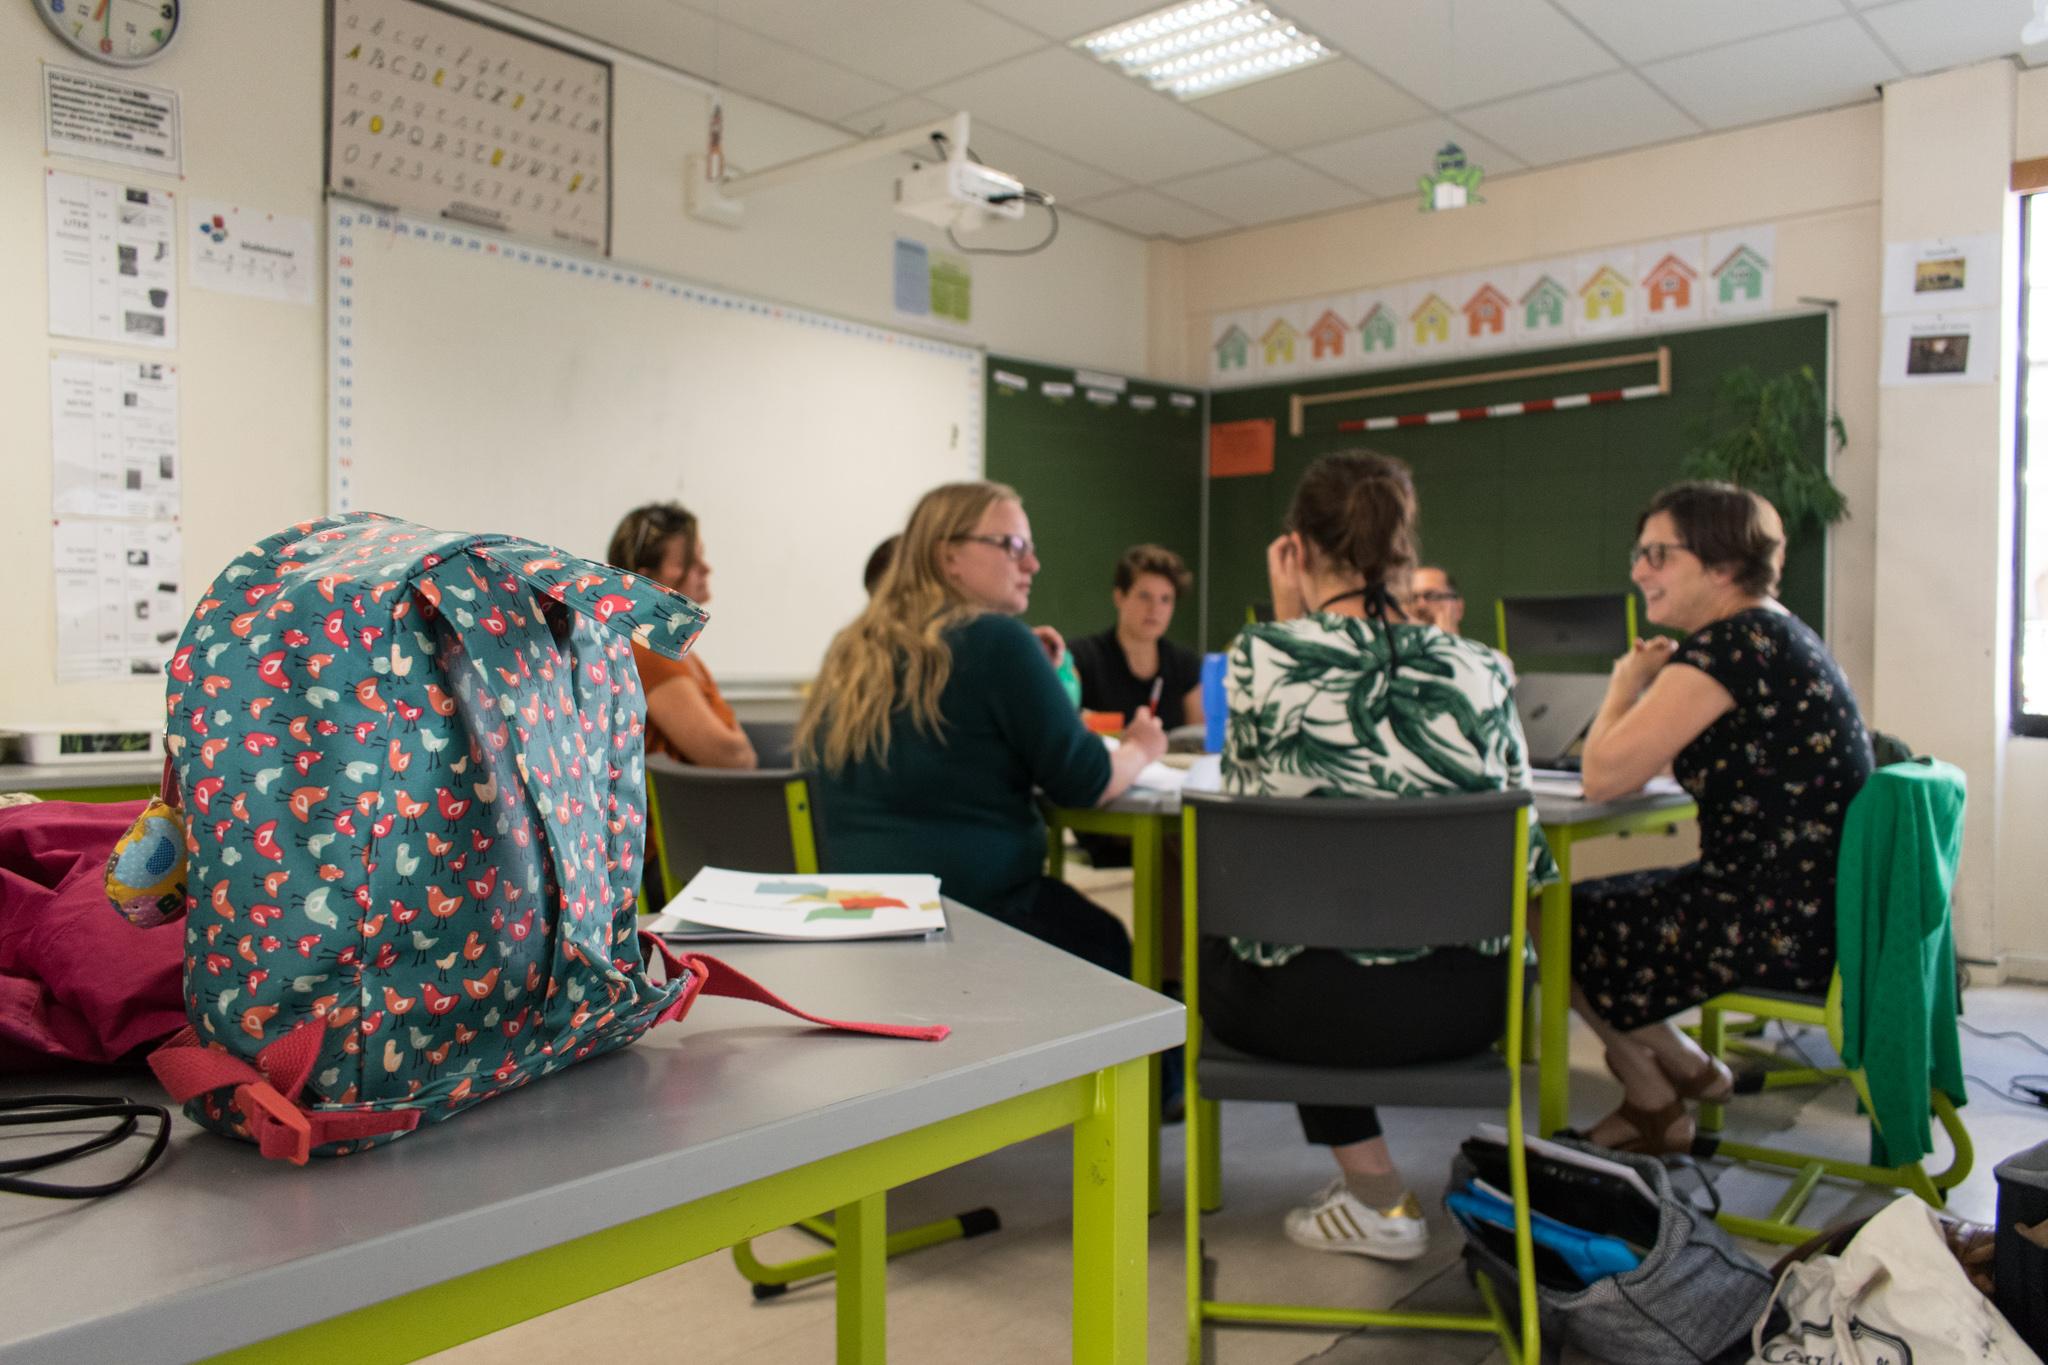 Leerkrachten zitten in een klas samen aan tafel en wisselen ideeën uit. Op de voorgrond staat een schooltas van een kind.